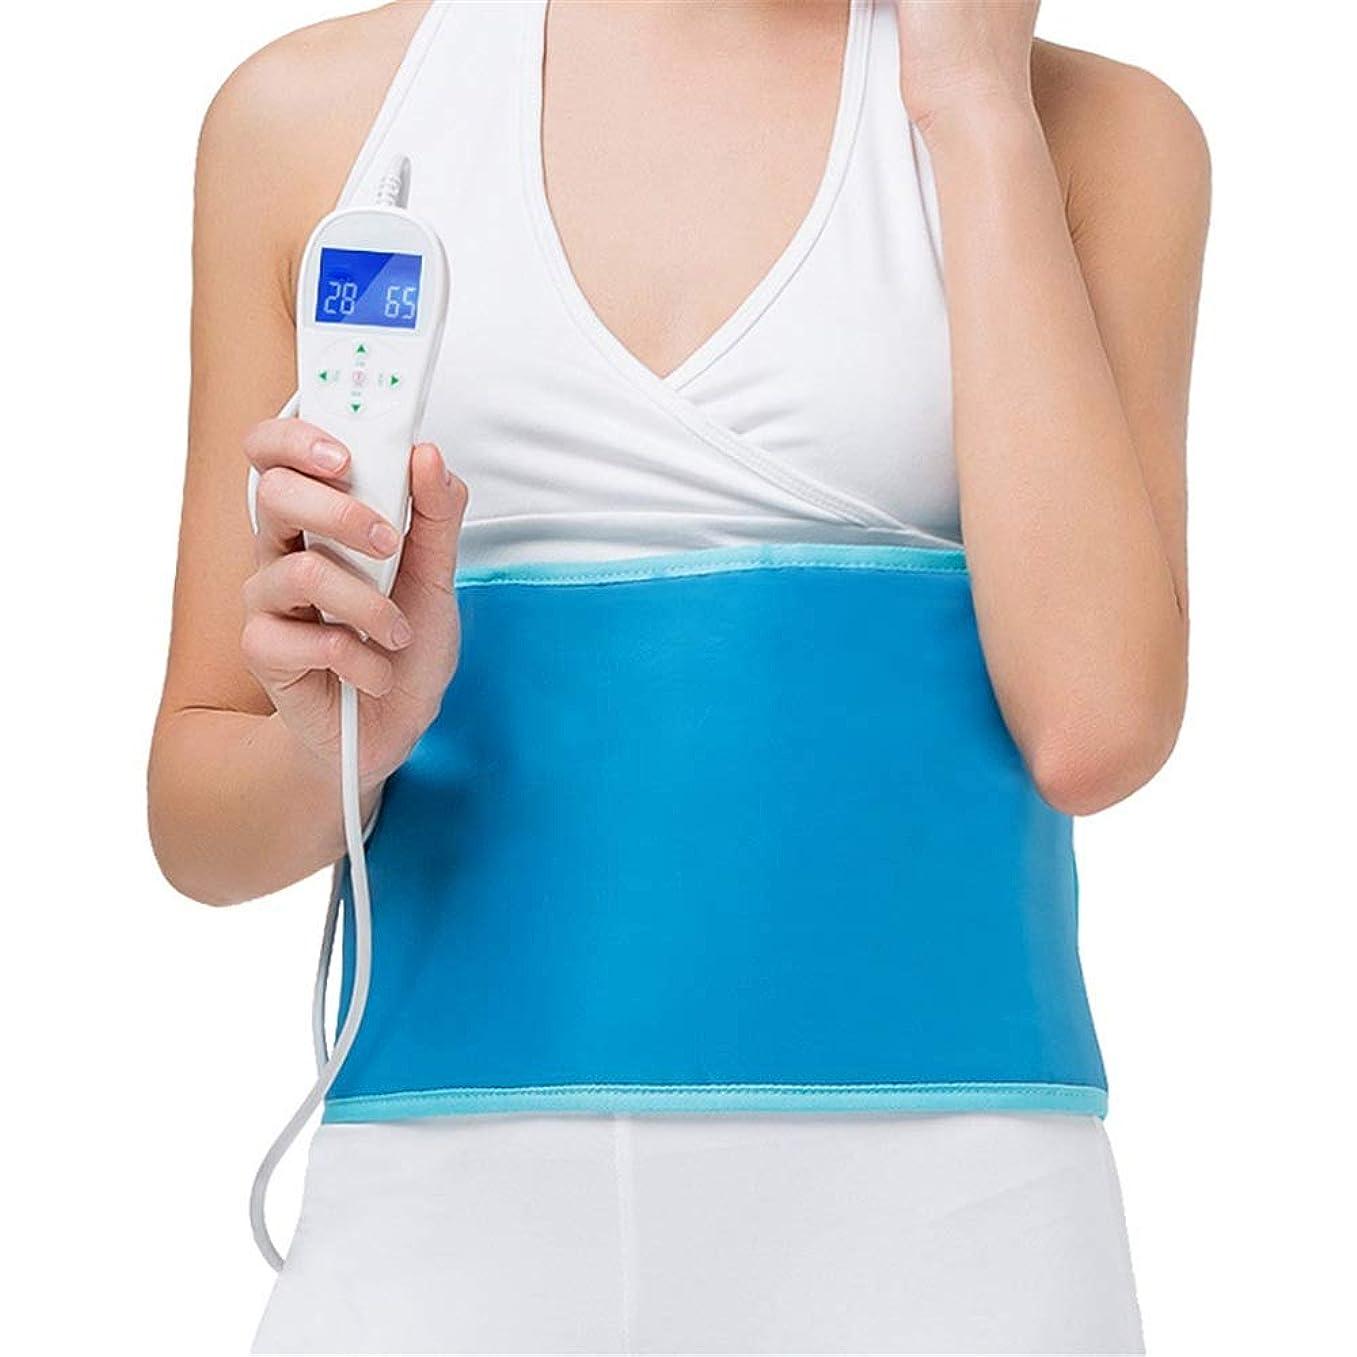 自殺海洋のについて腰関節炎腹部の痛みを軽減する可変温度については凸凹調節可能なストラップ付き暖房パッドのバックラップ 腰痛保護バンド (色 : 青, サイズ : Free size)